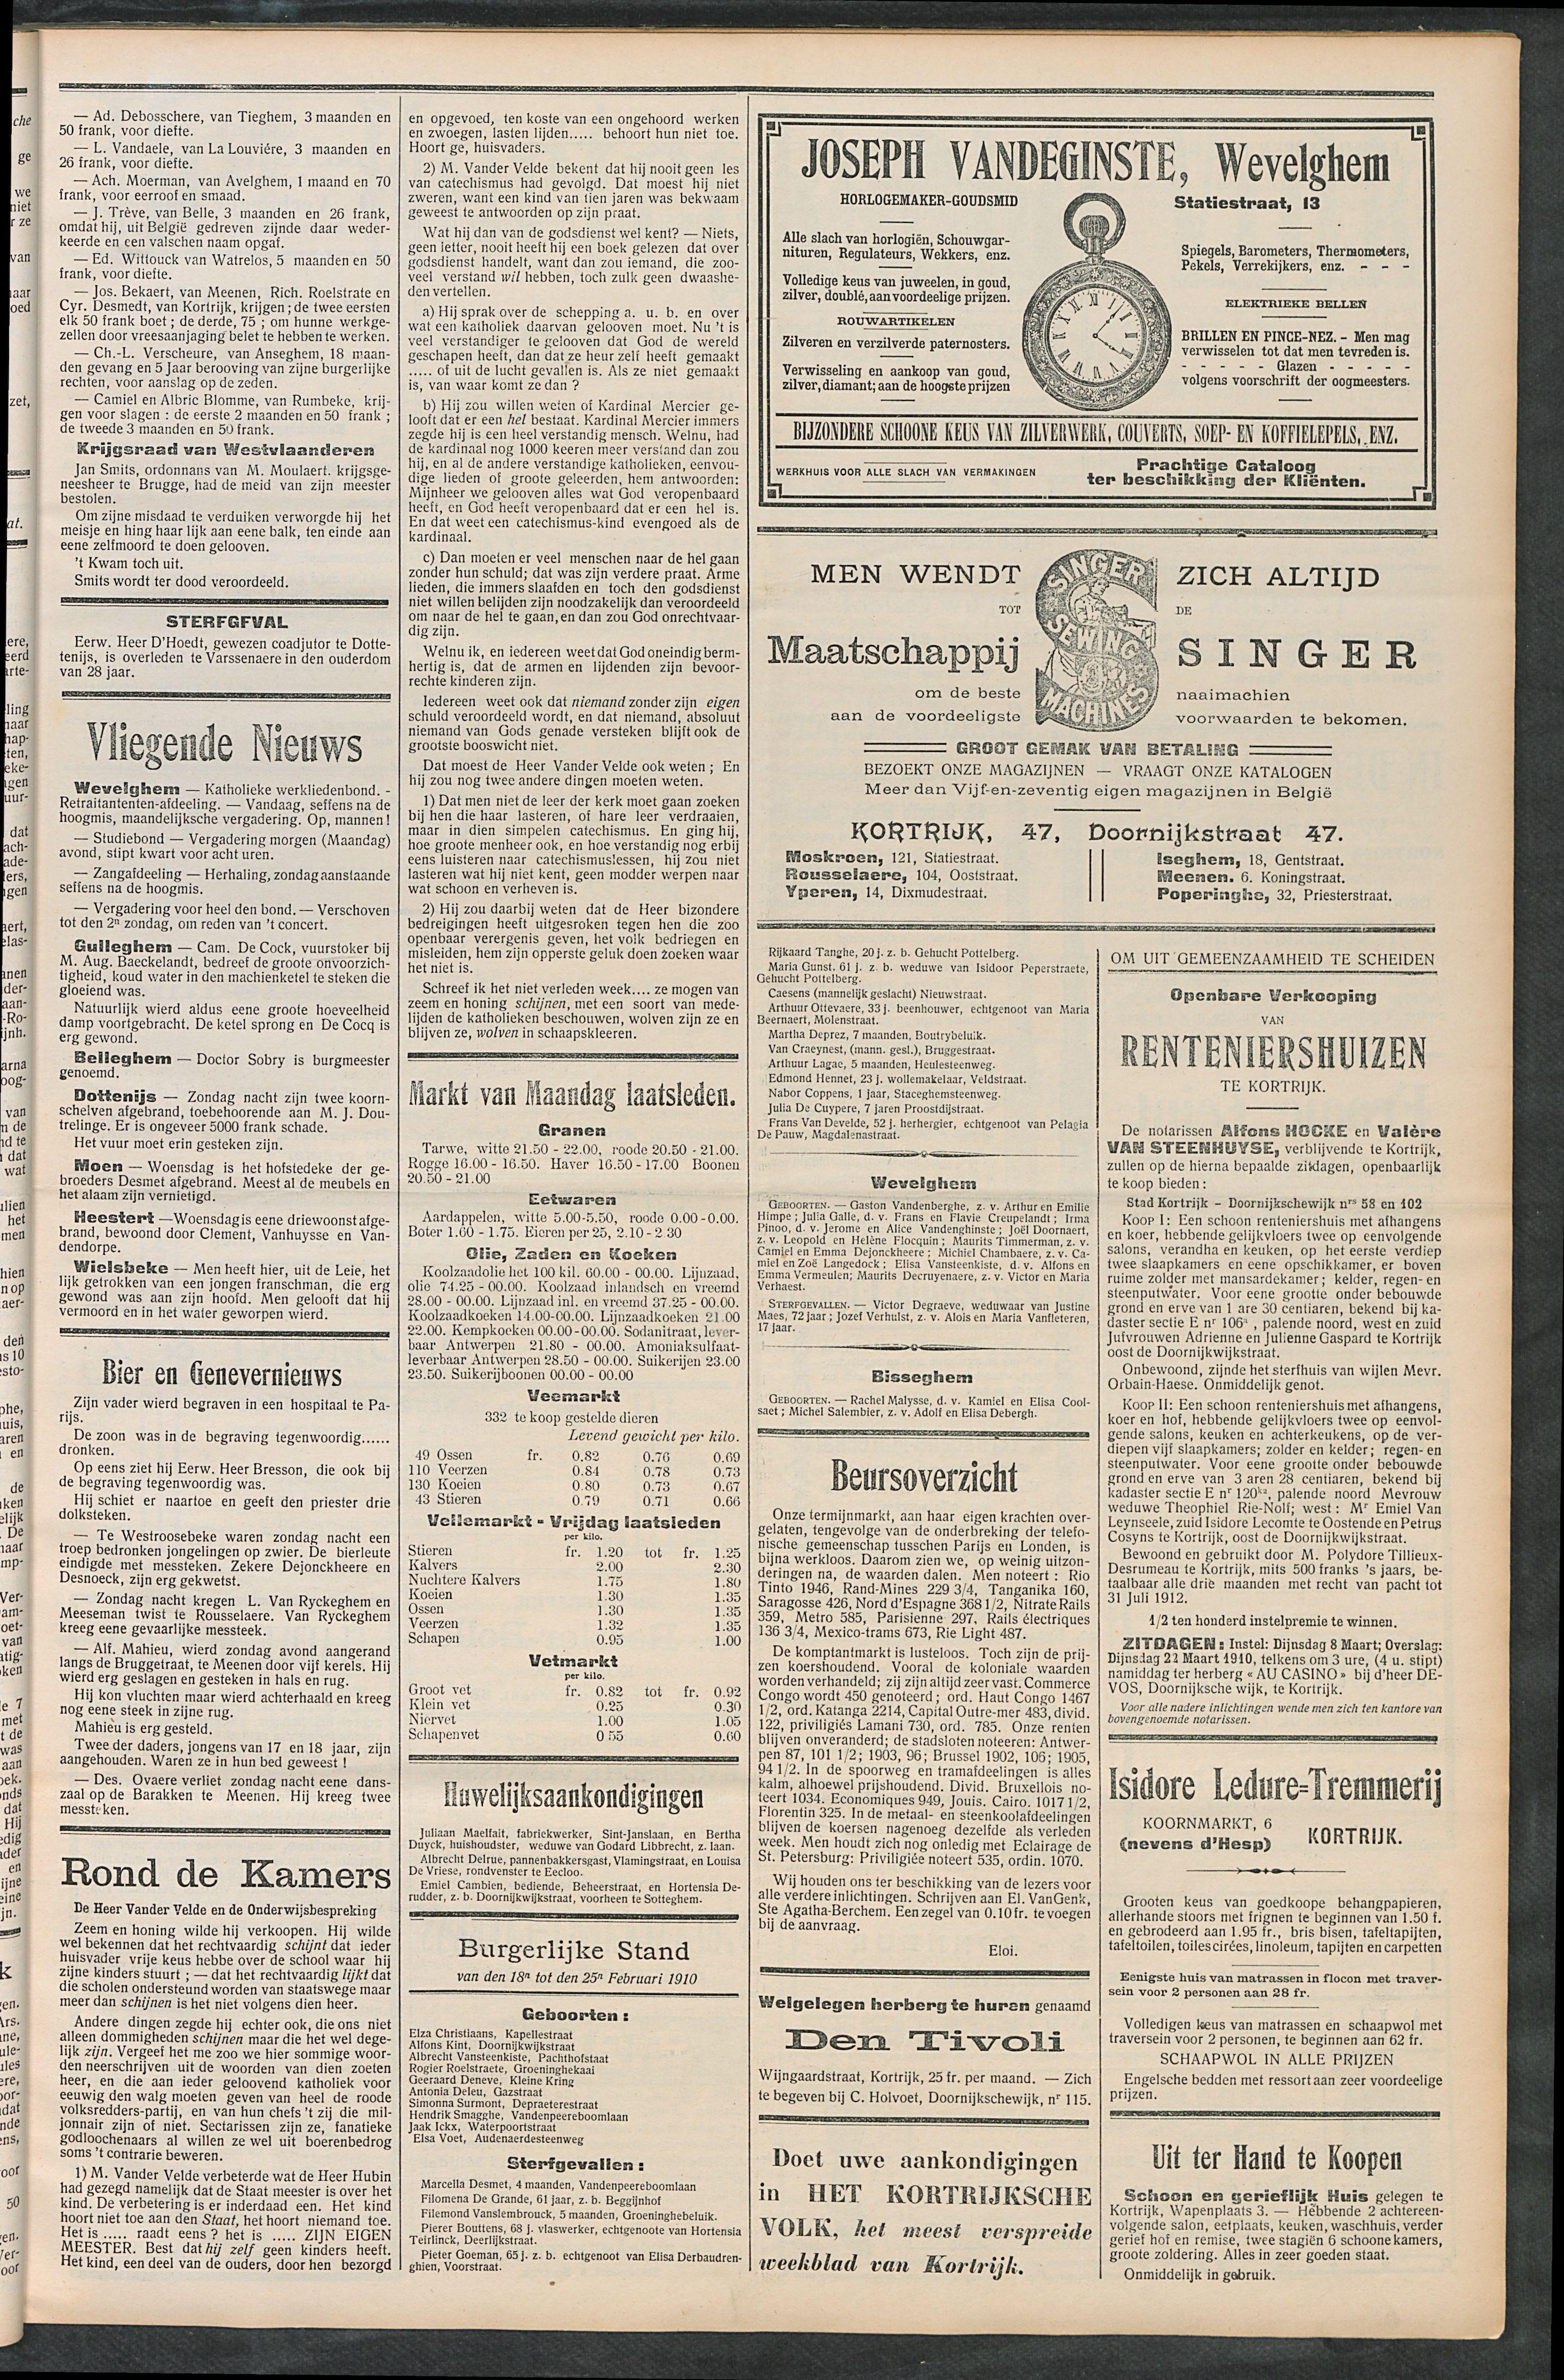 Het Kortrijksche Volk 1910-02-27 p3